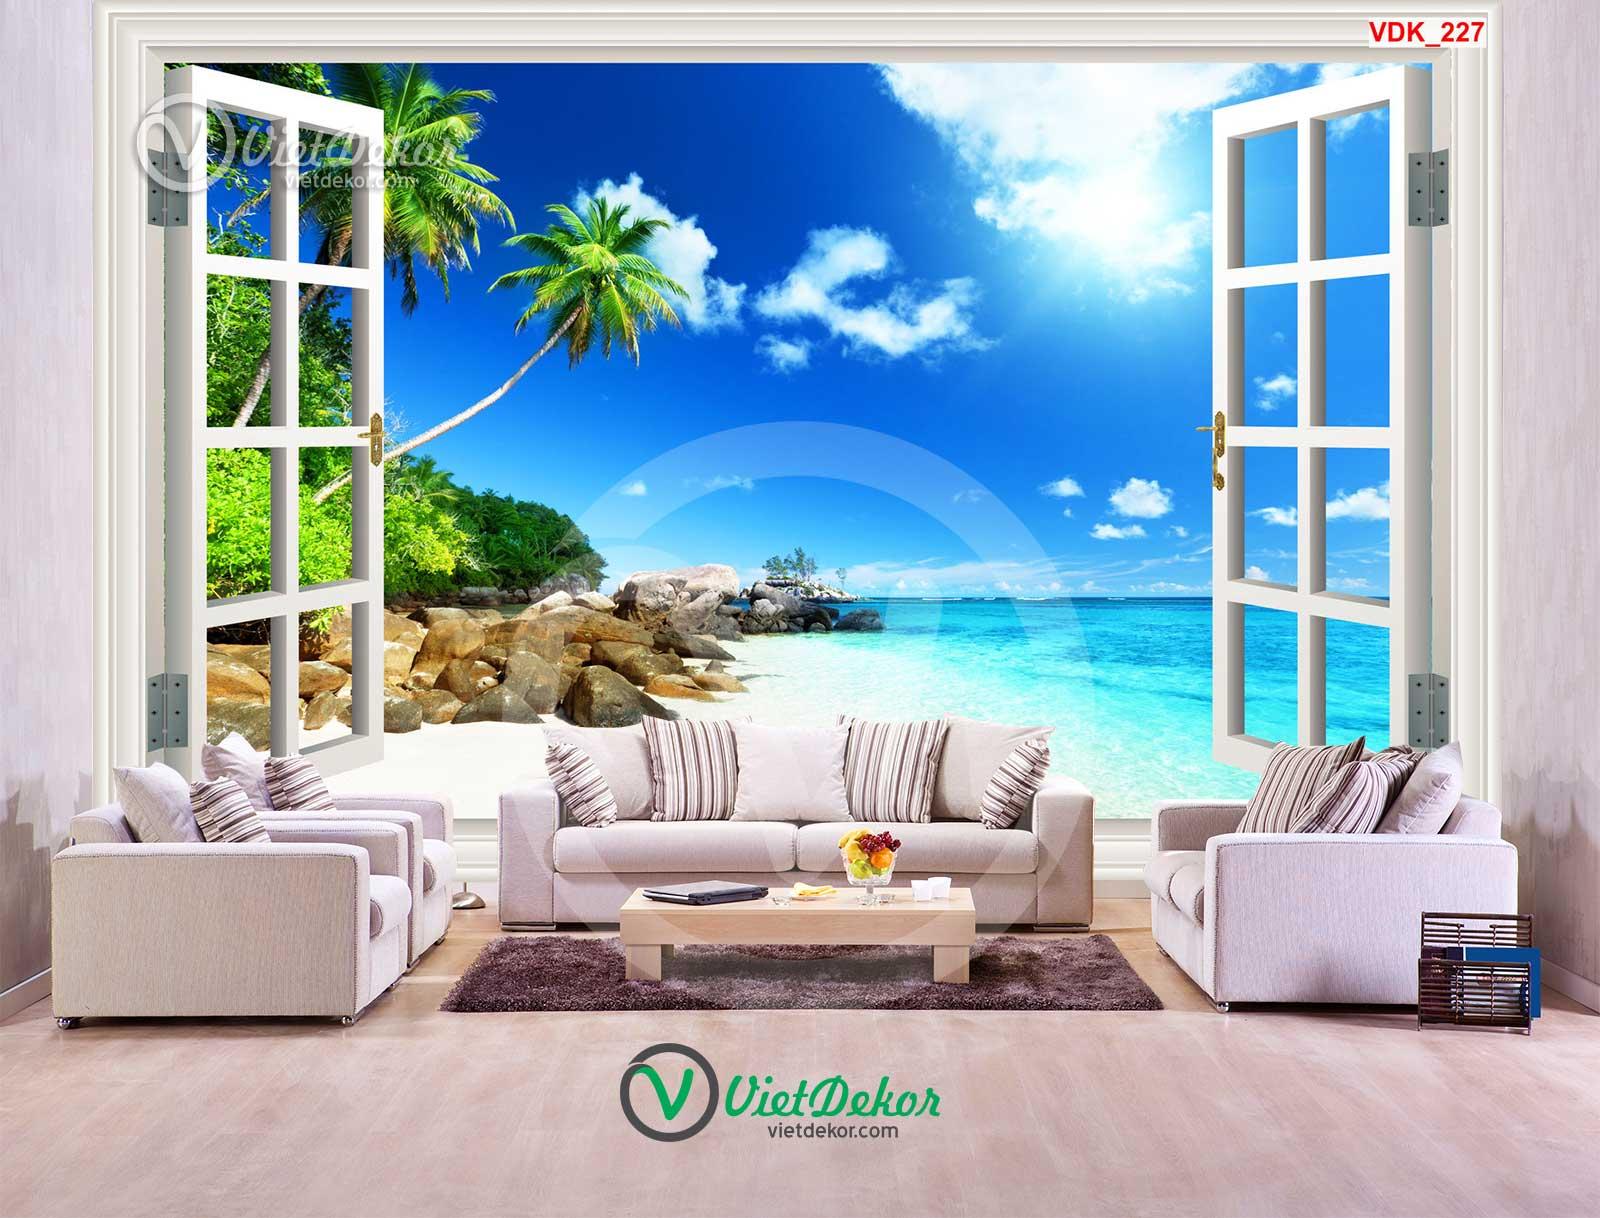 Tranh dán tường 3d cửa sổ cảnh biển khơi